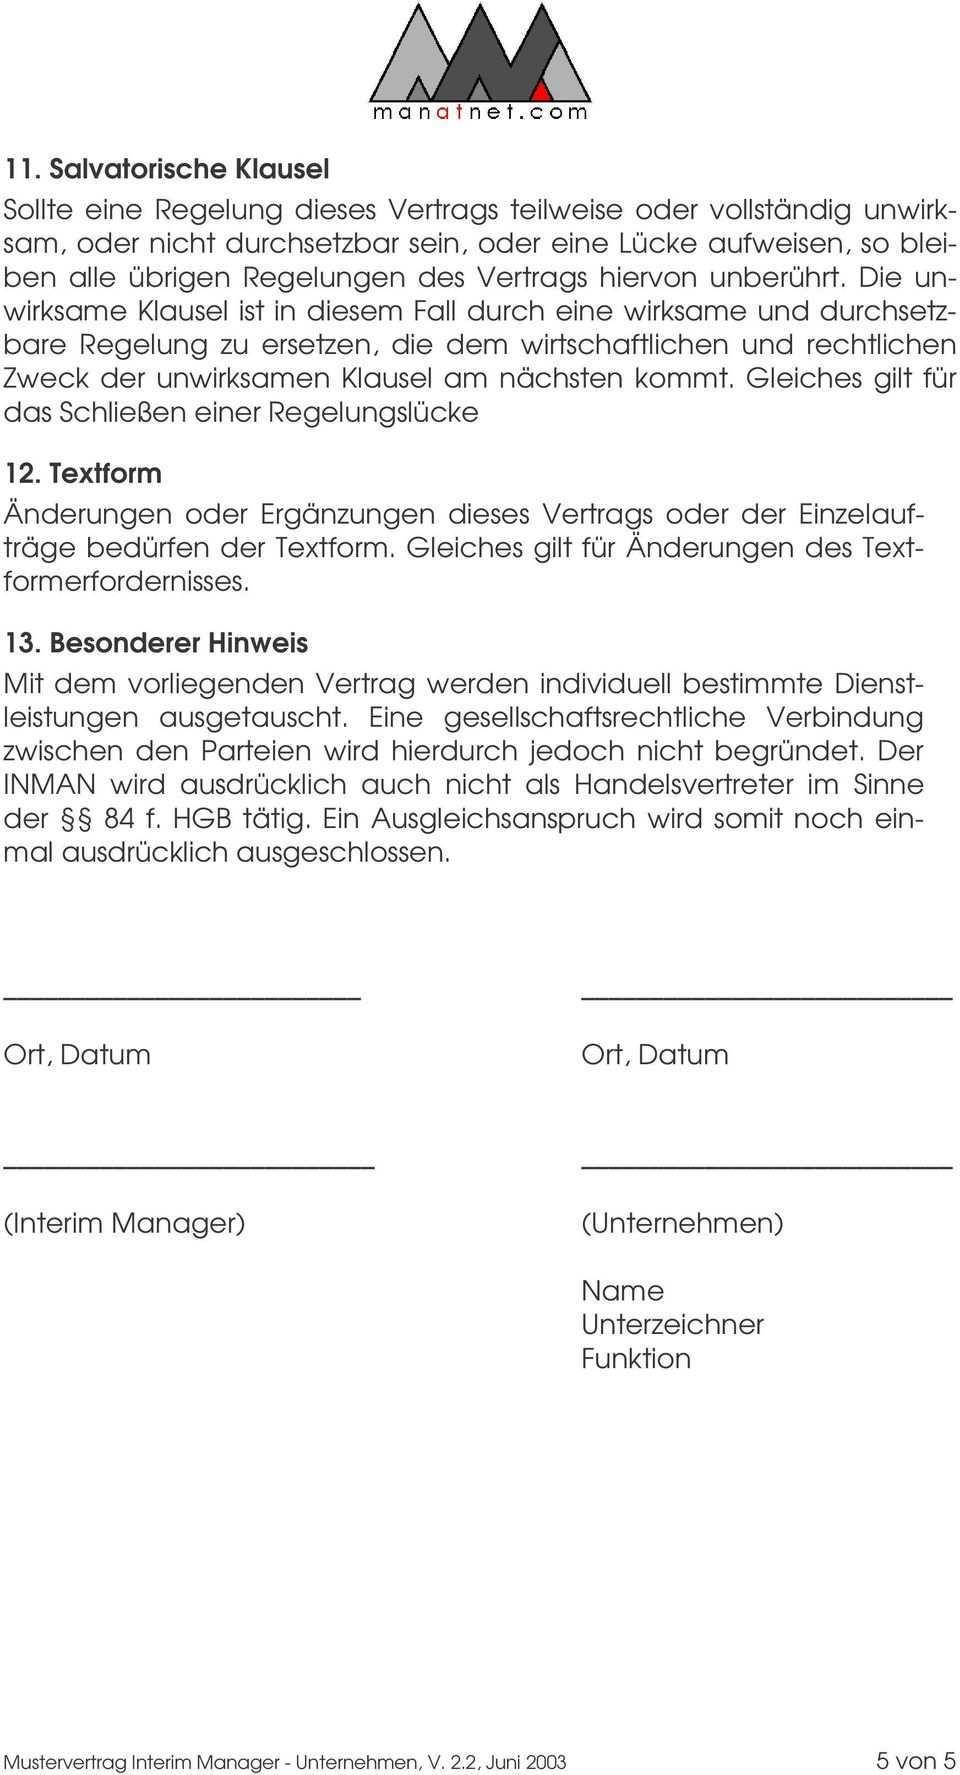 Mustervertrag Interim Manager Unternehmen Dienstvertrag Zwischen Dem Unternehmen Beispiel Gmbh Im Folgenden Unternehmen U N D Pdf Free Download